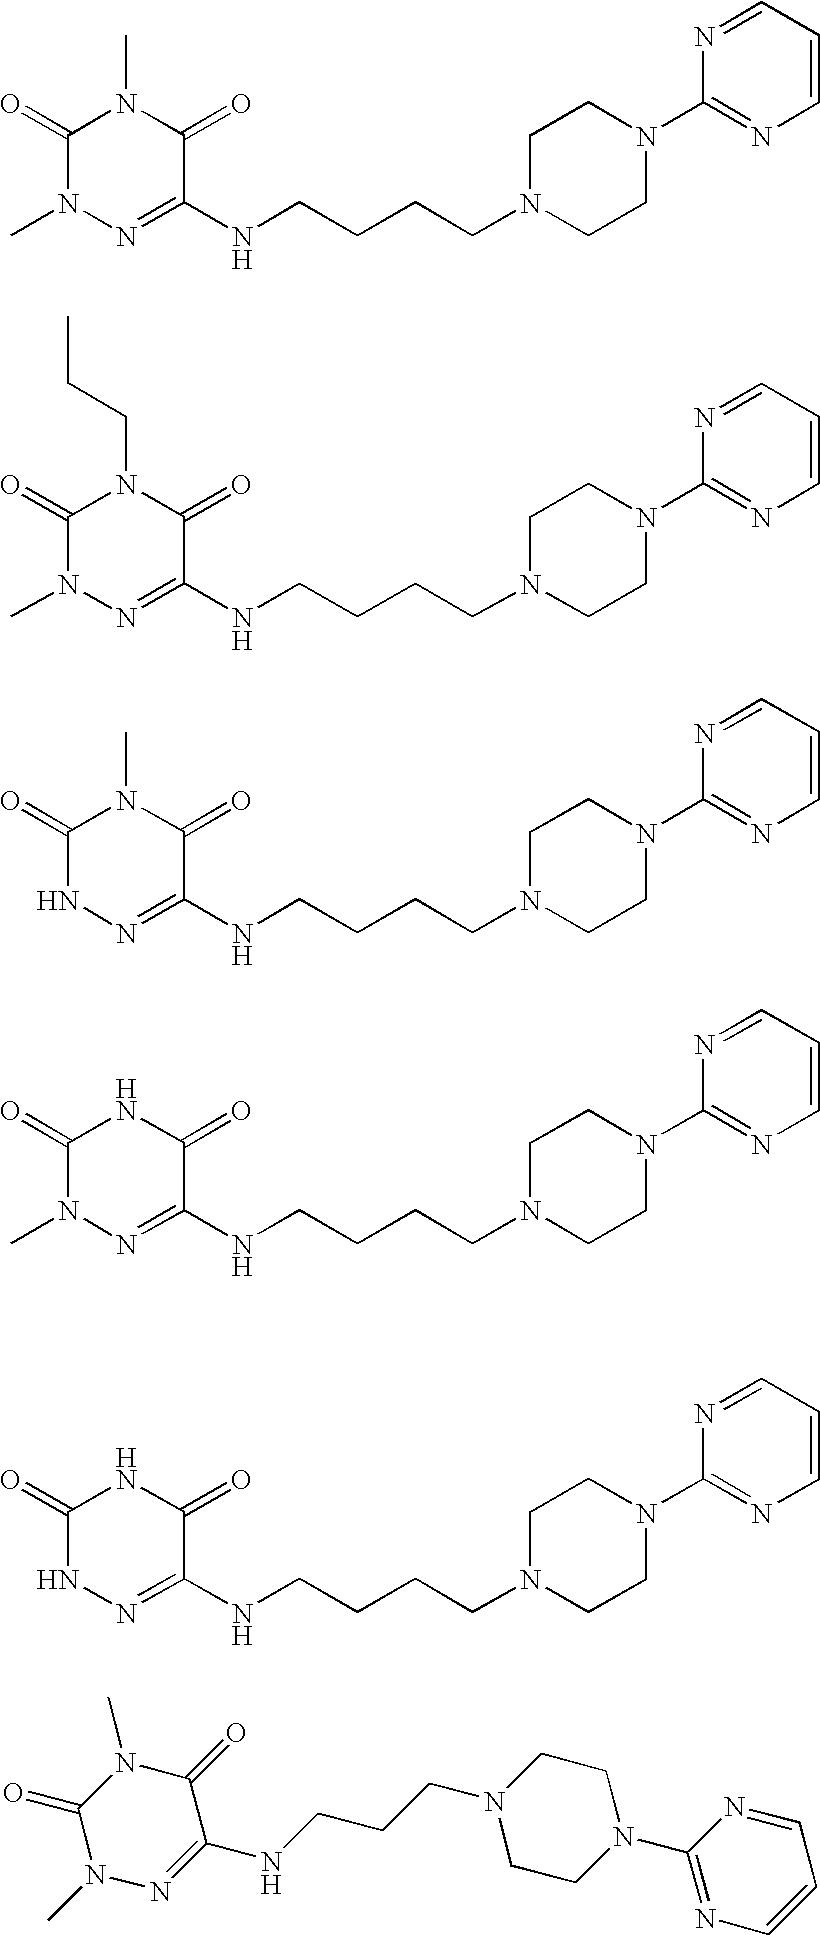 Figure US20100009983A1-20100114-C00078